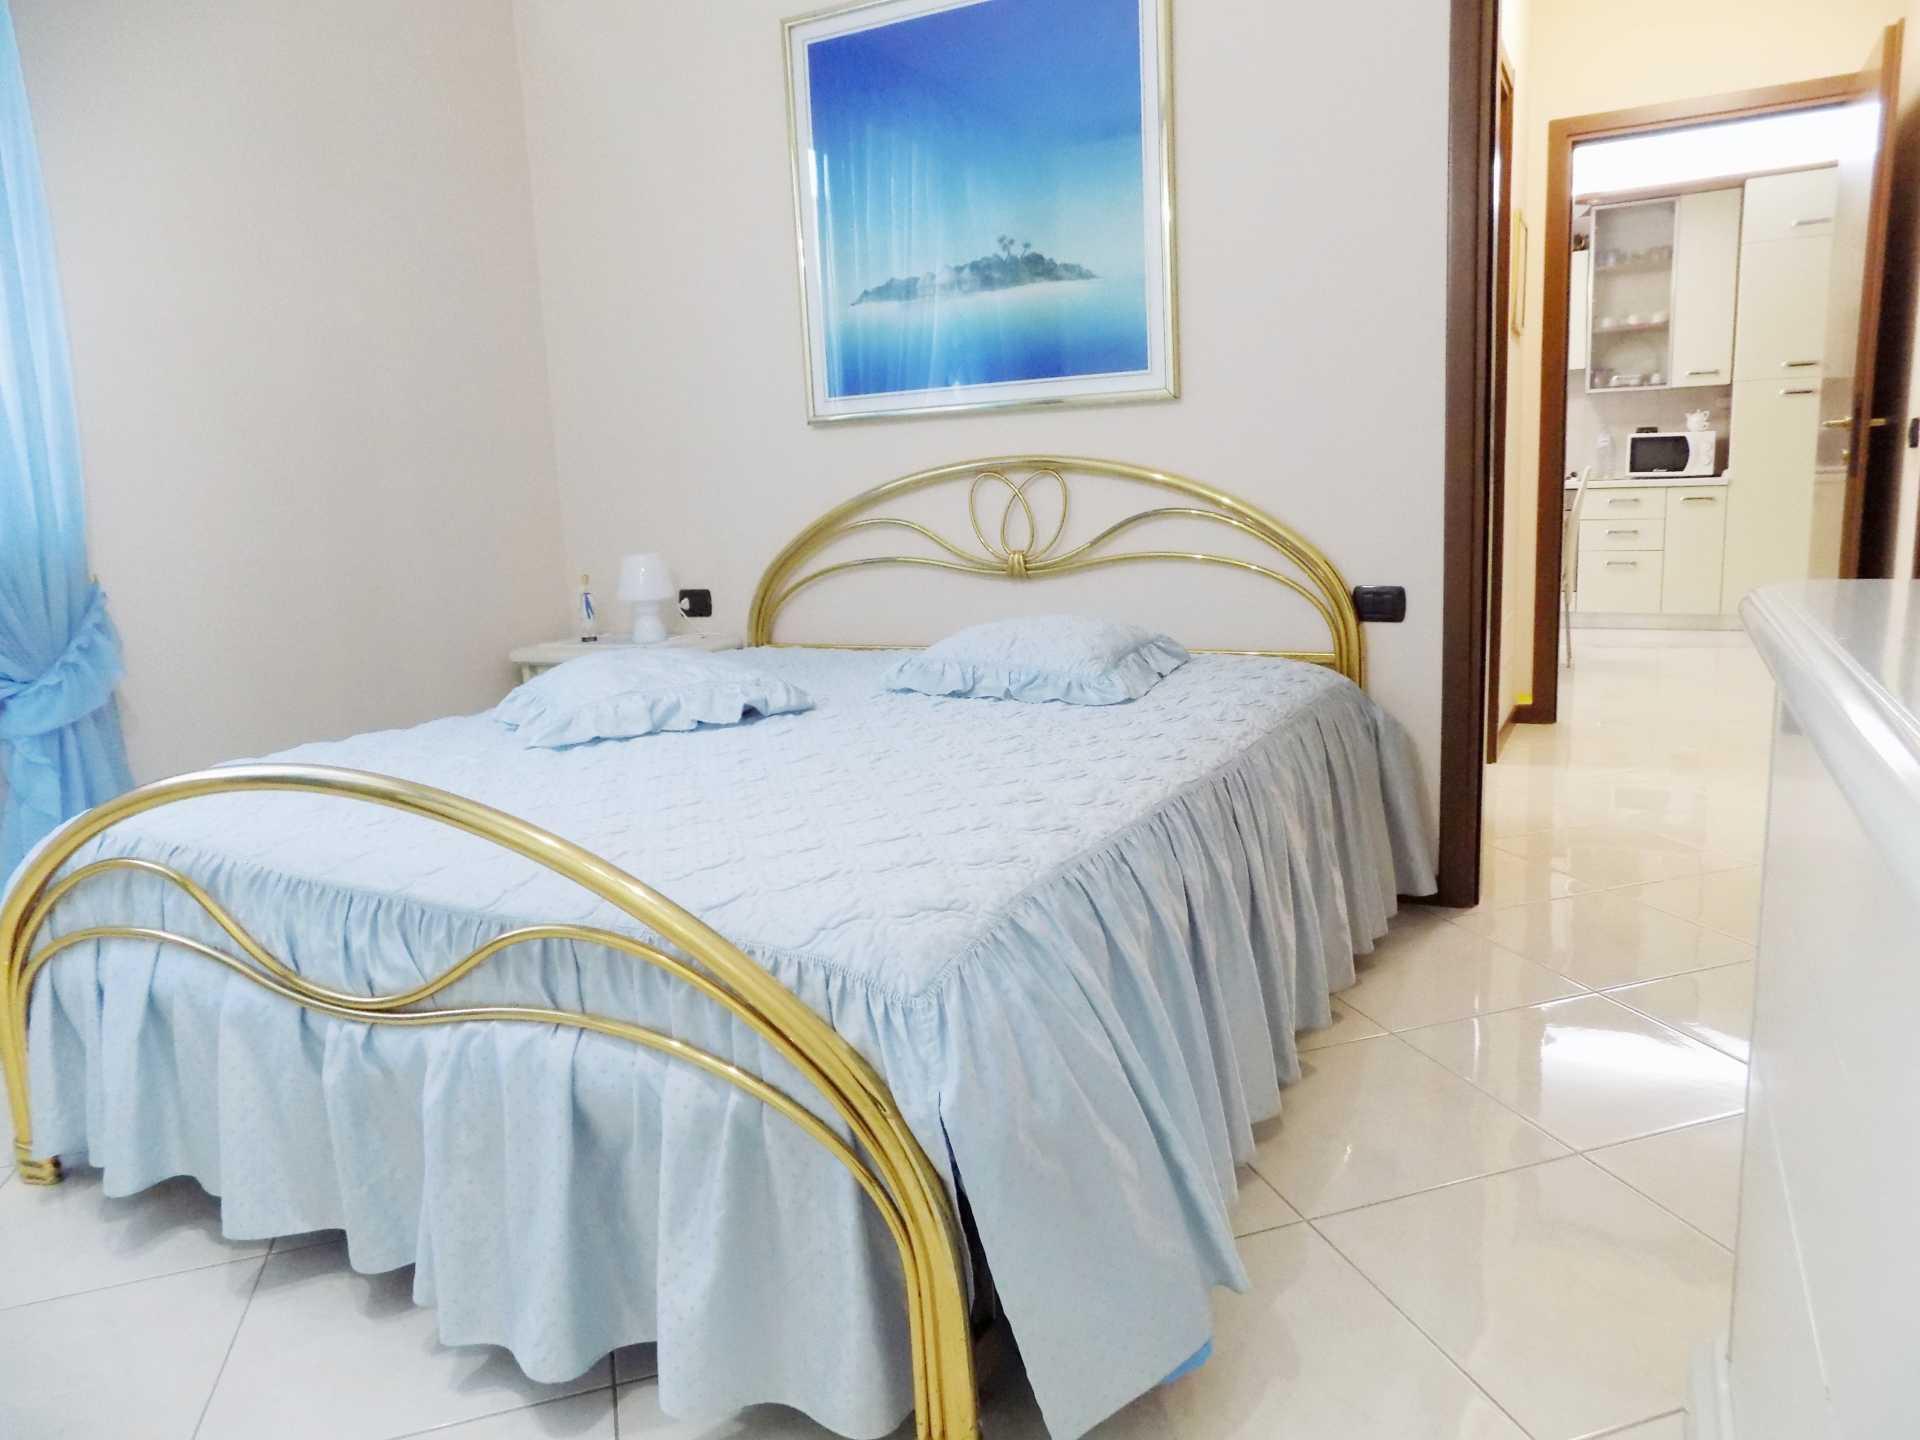 Bernareggio-appartamento-in-vendita (25)